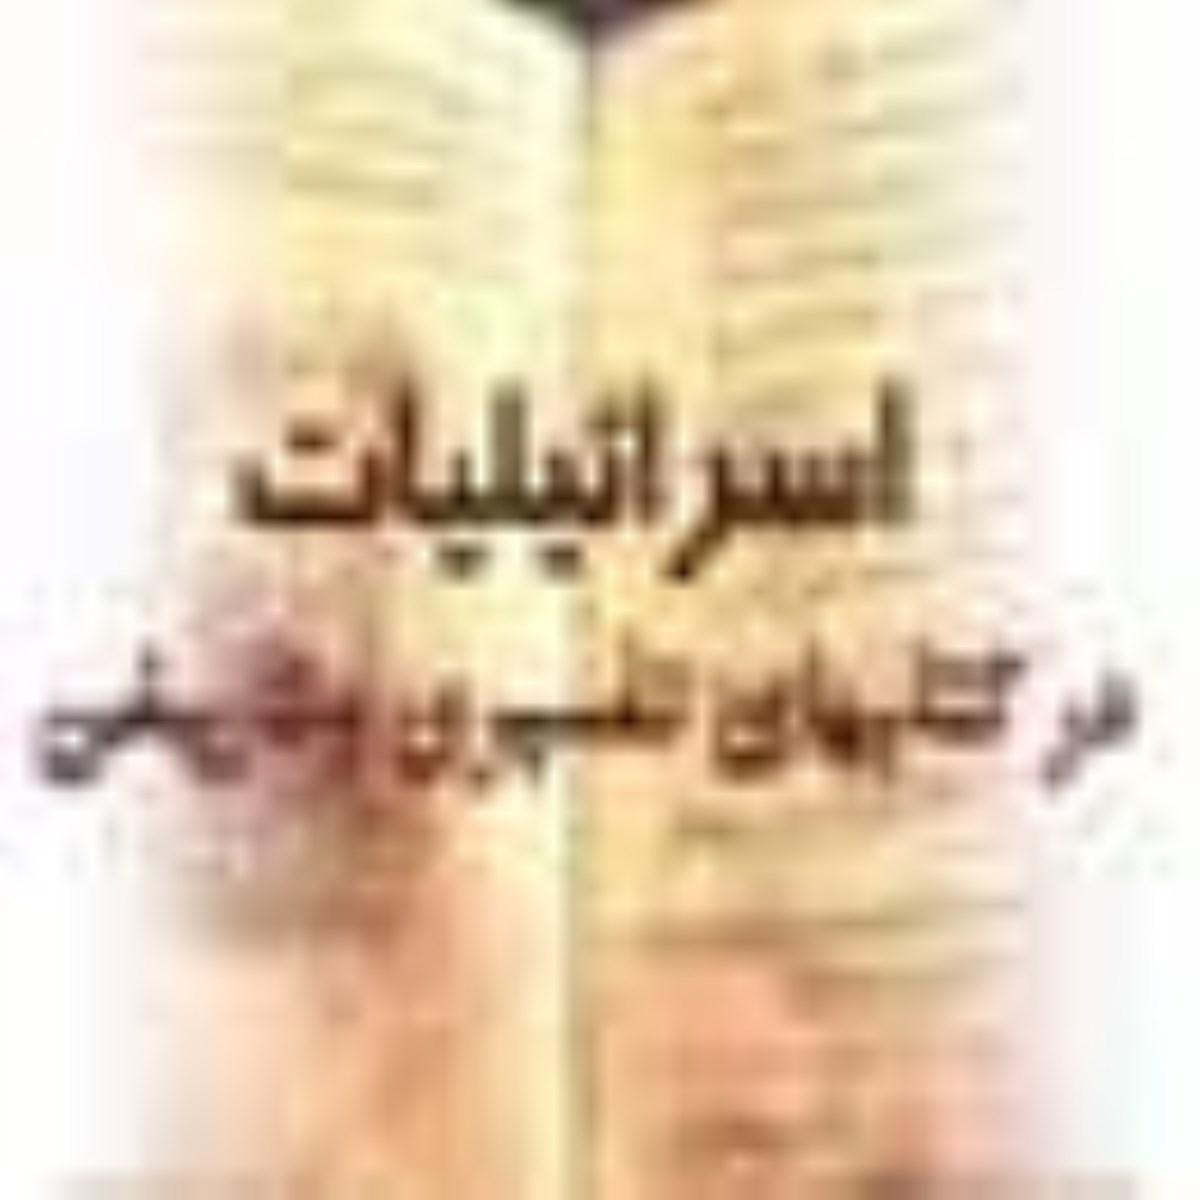 اسرائيليات در كتابهاى تفسيرى و تاريخى